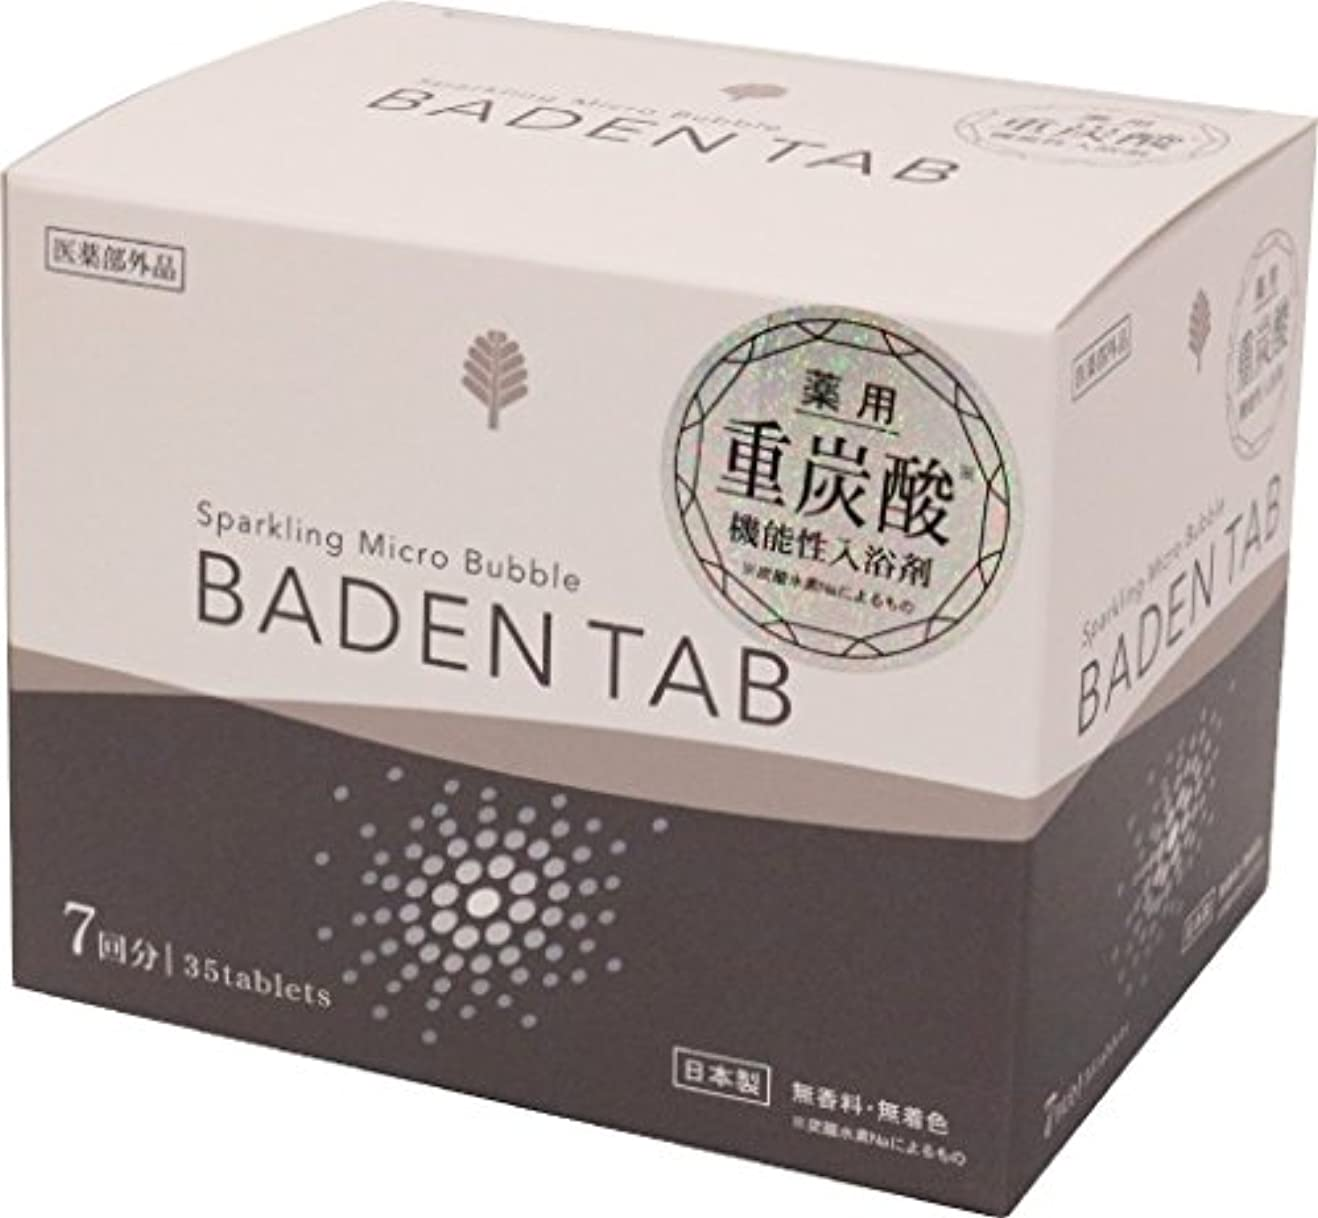 受け入れるわずかに眠る日本製 made in japan 薬用BadenTab5錠7パック15gx35錠入 BT-8756 【まとめ買い6個セット】